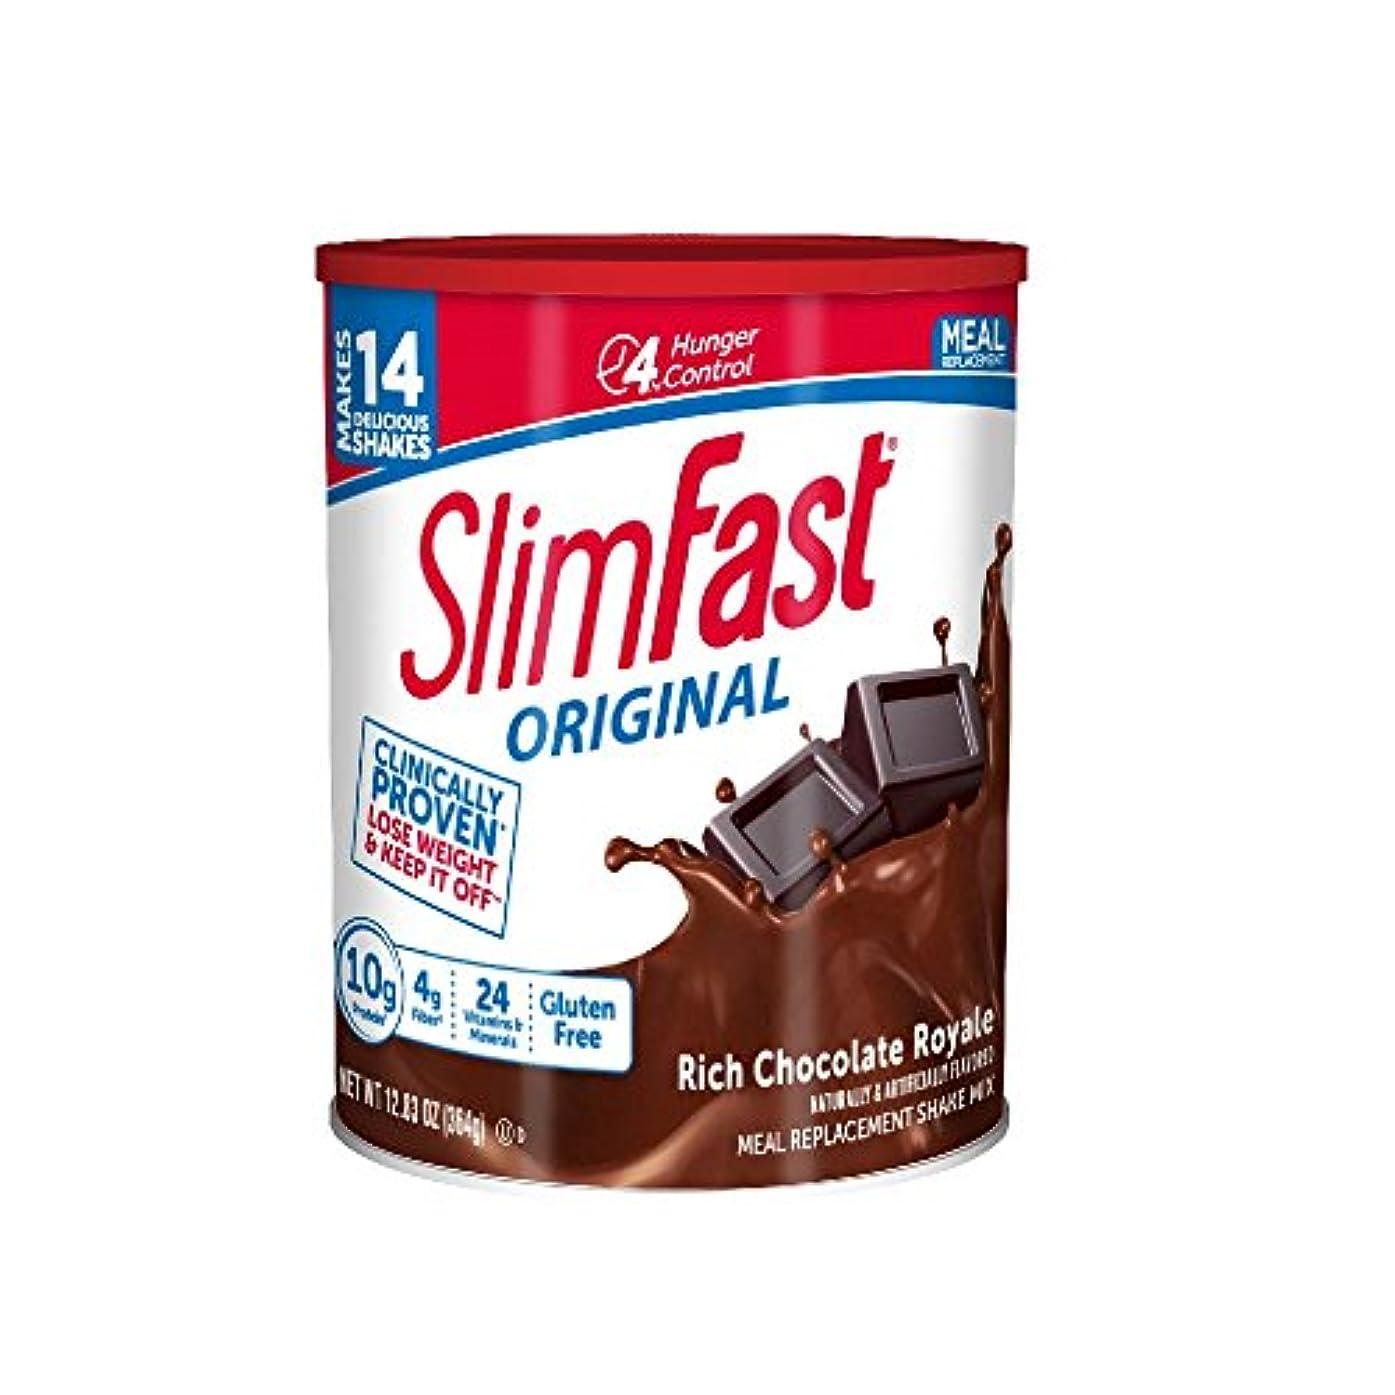 つまずく慣れるジョージスティーブンソン海外直送品 SlimFast スリムファースト 2個セット ロイヤルチョコレートシェーク884g [並行輸入品]